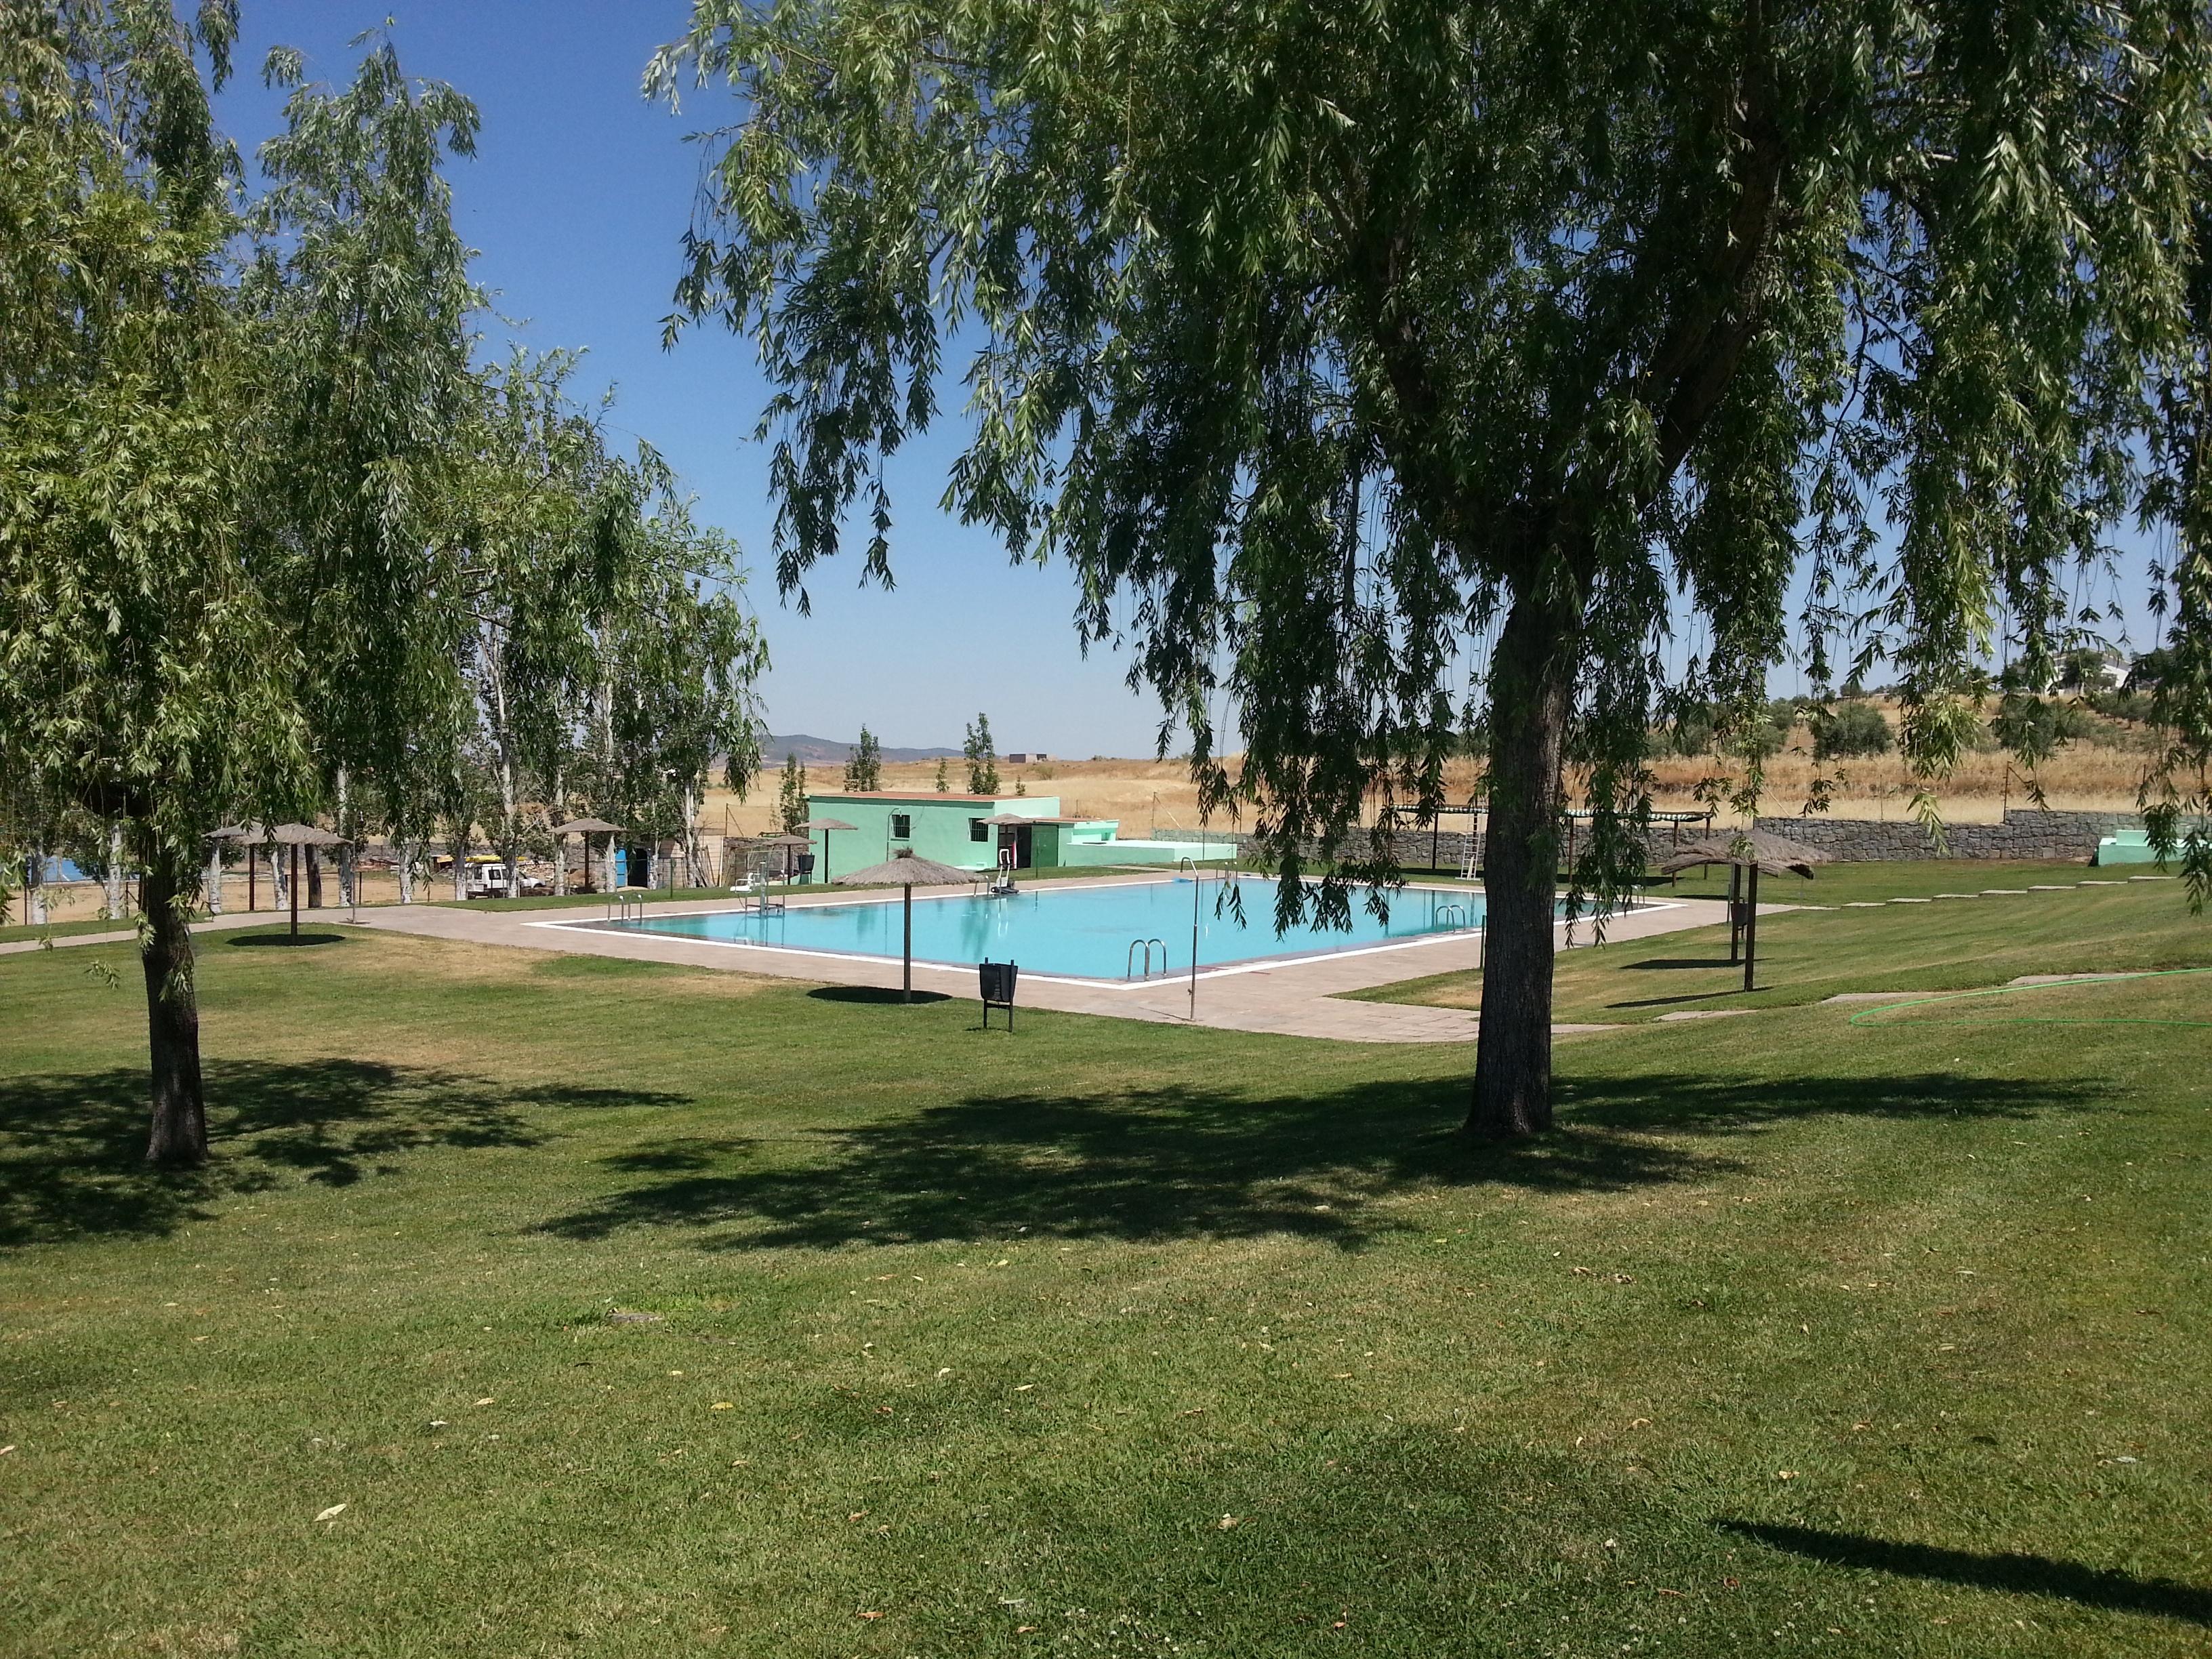 Ma ana abre sus puertas la piscina municipal de zalamea for Piscina municipal caceres